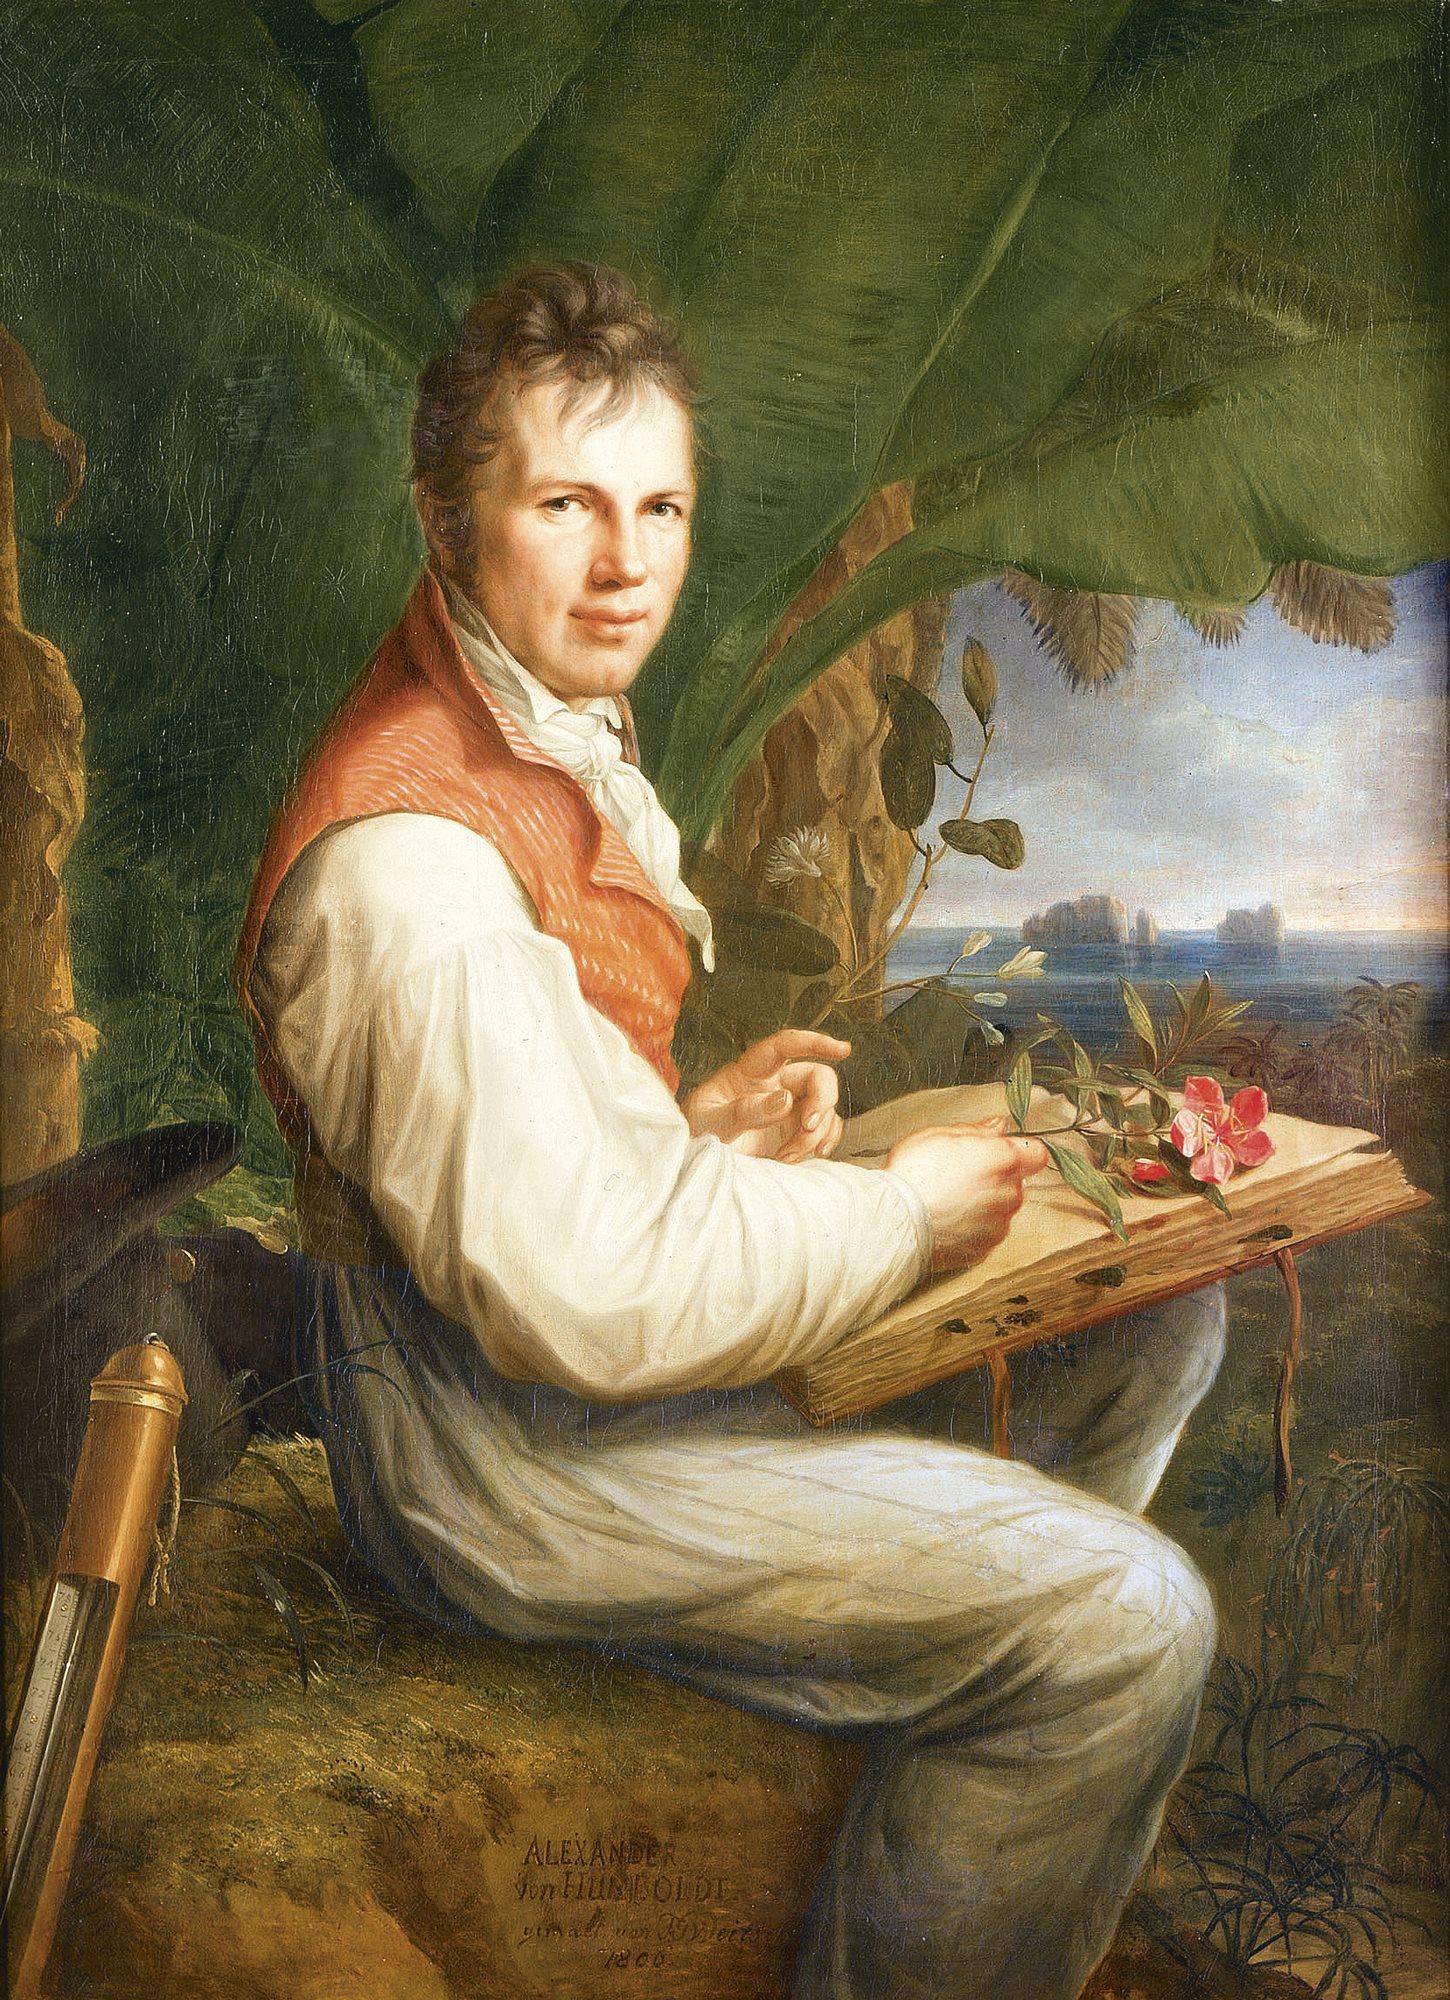 Briefe Alexander Von Humboldt : Humboldt el naturalista que redescubrió américa bio